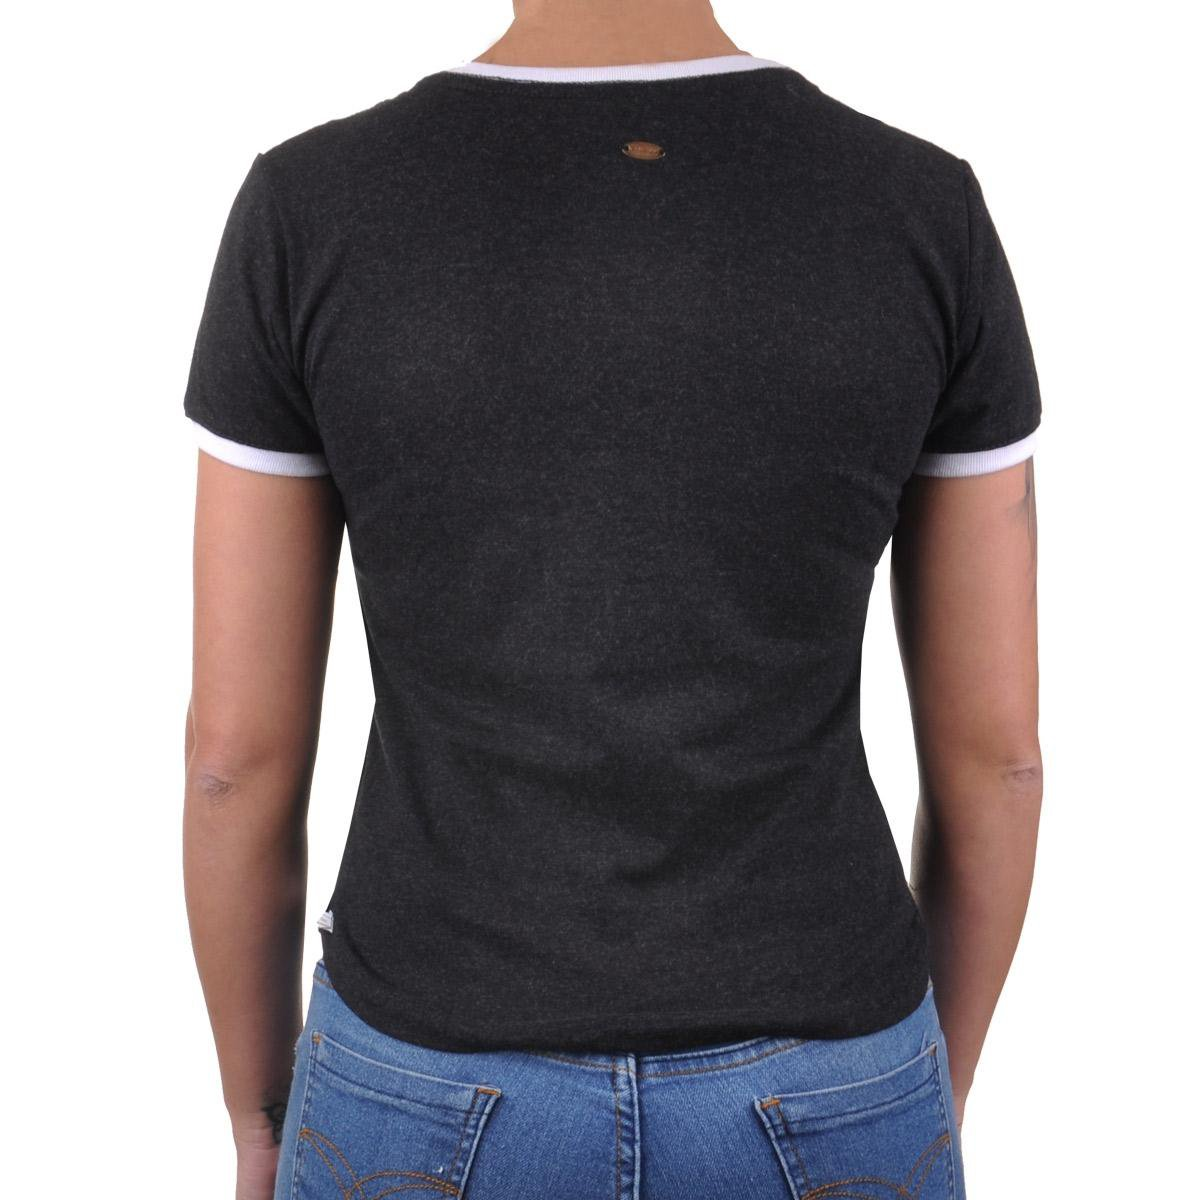 Gooddays Preto Gooddays Feminino Camiseta Oneill Camiseta Feminino Camiseta Oneill Preto 6ff0qZ